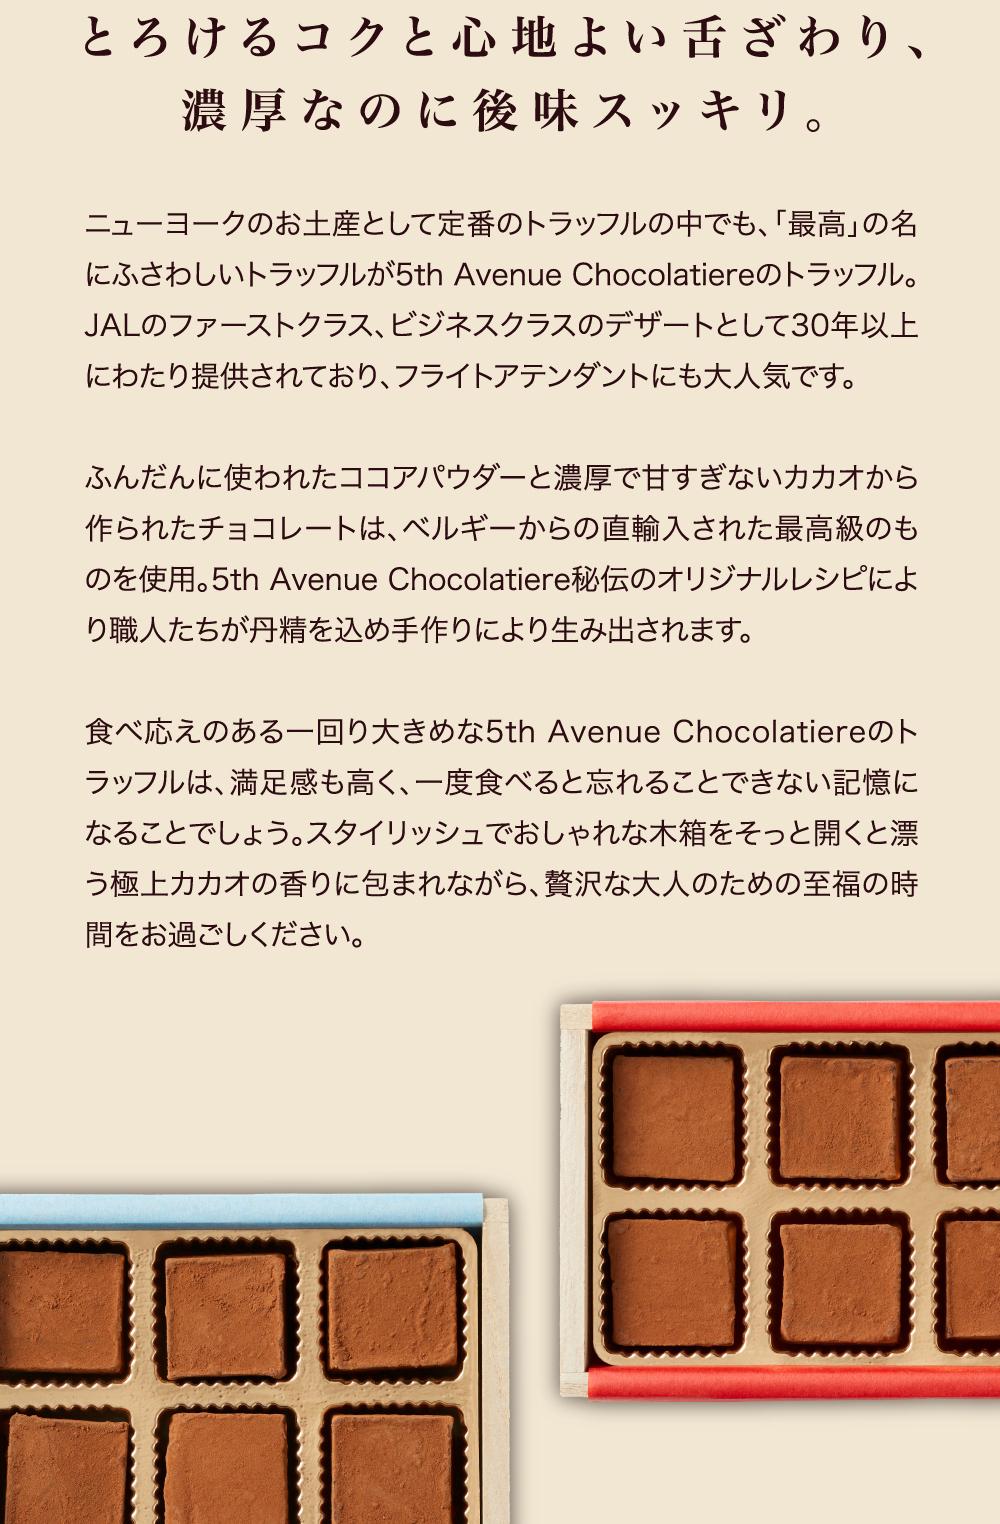 5th Avenue Chocolatiere とろけるコクと心地よい舌ざわり、濃厚なのに後味スッキリ。ニューヨークのお土産として定番のトラッフルの中でも、「最高」の名にふさわしいトラッフルが5th Avenue Chocolatiereのトラッフル。JALのファーストクラス、ビジネスクラスのデザートとして30年以上にわたり提供されており、フライトアテンダントにも大人気です。